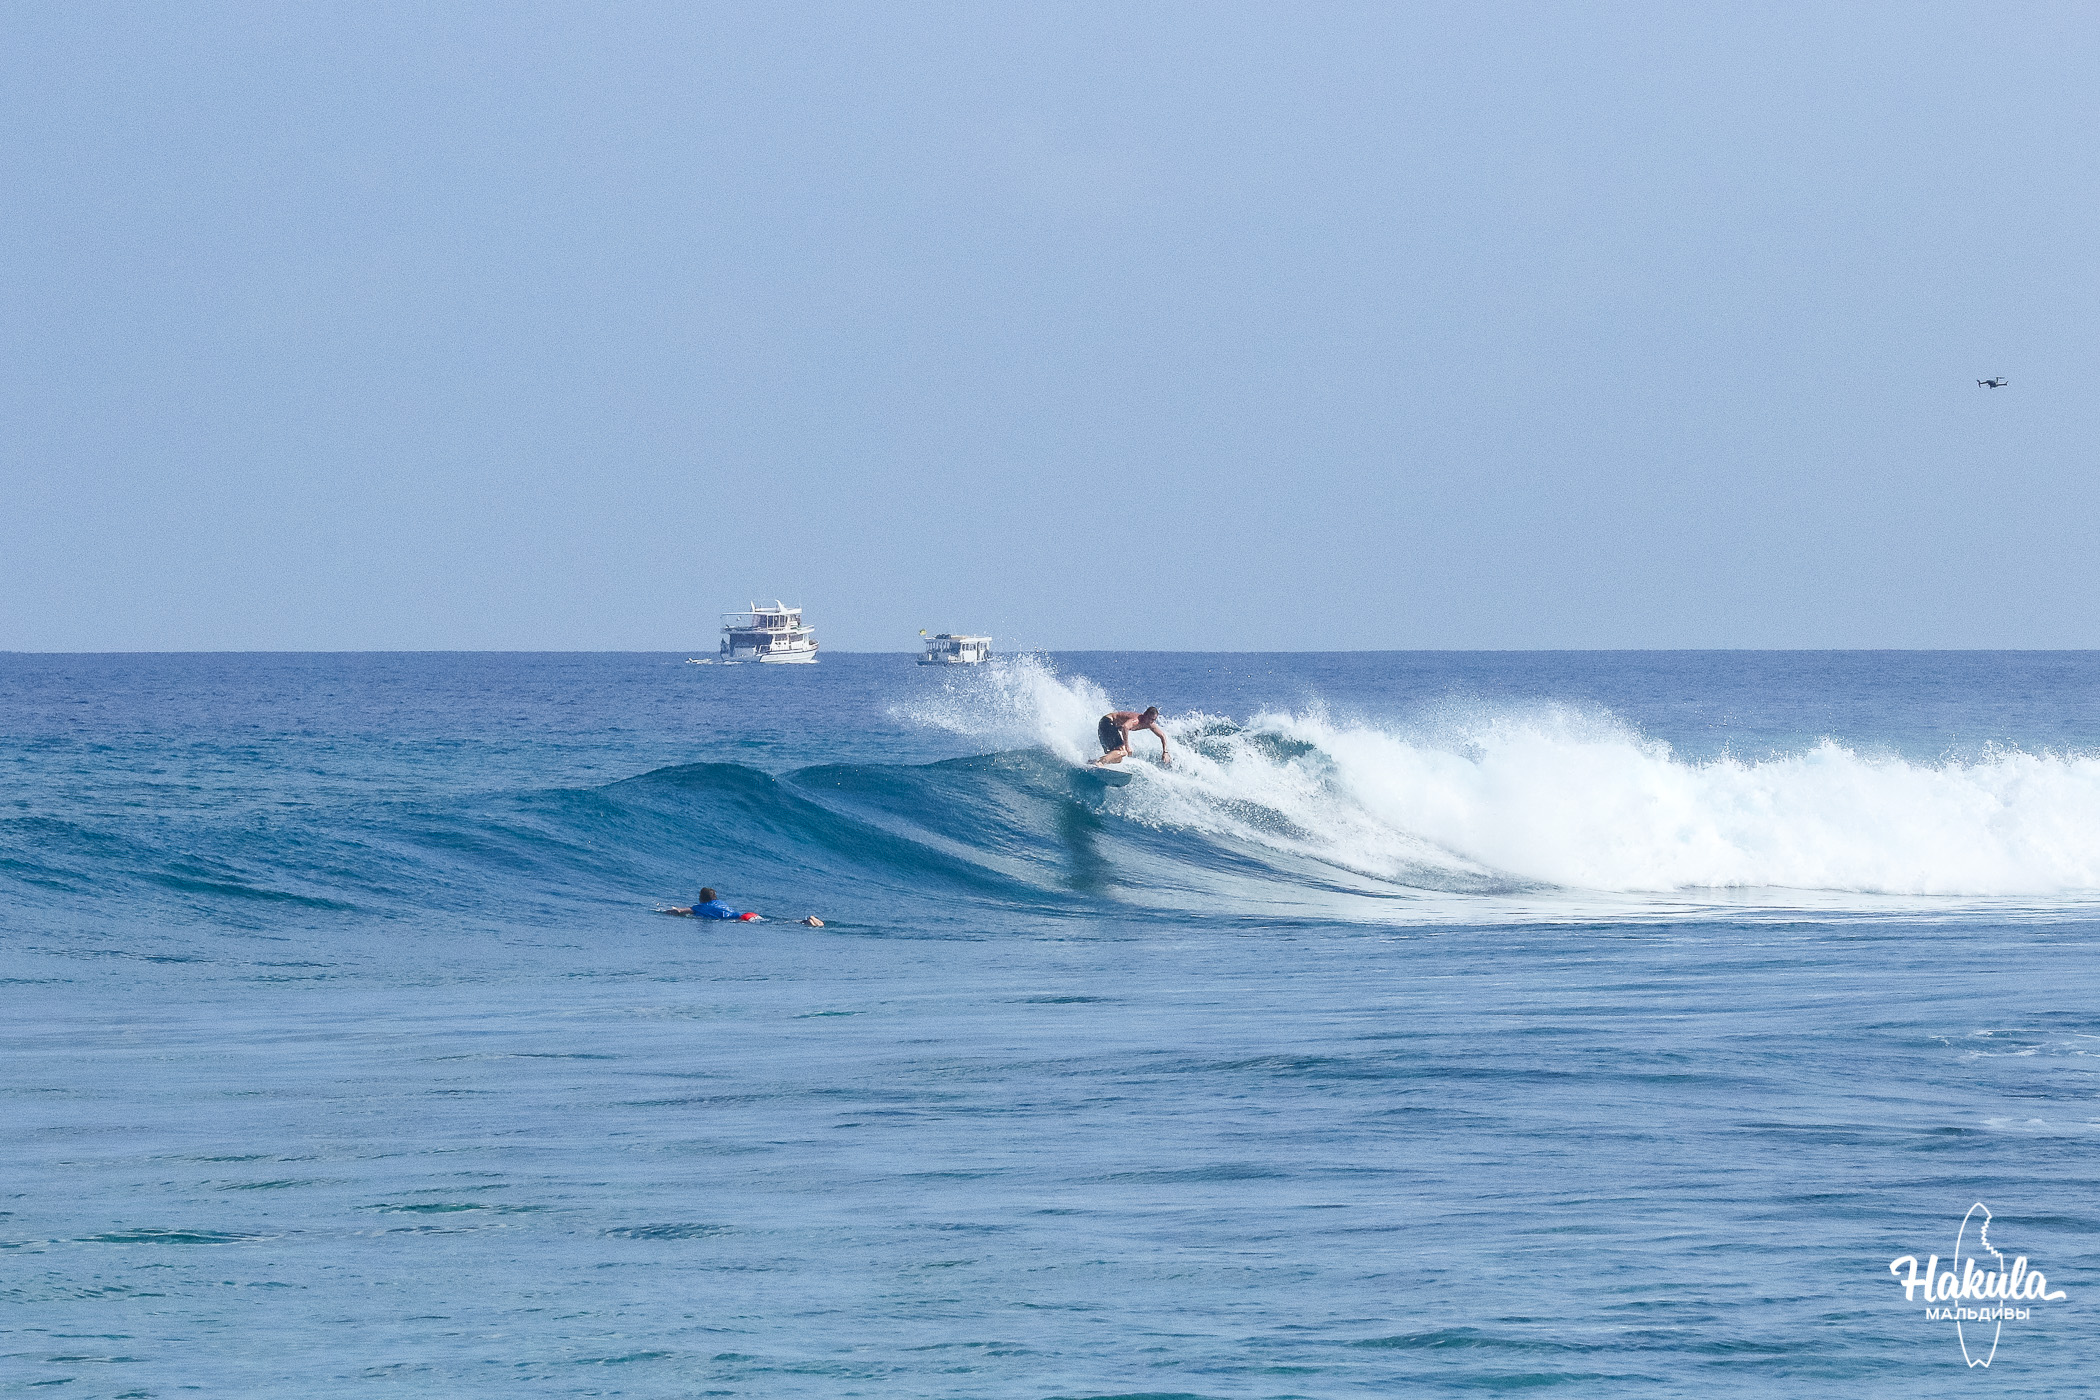 Сёрф-сафари на катамаране май 2019